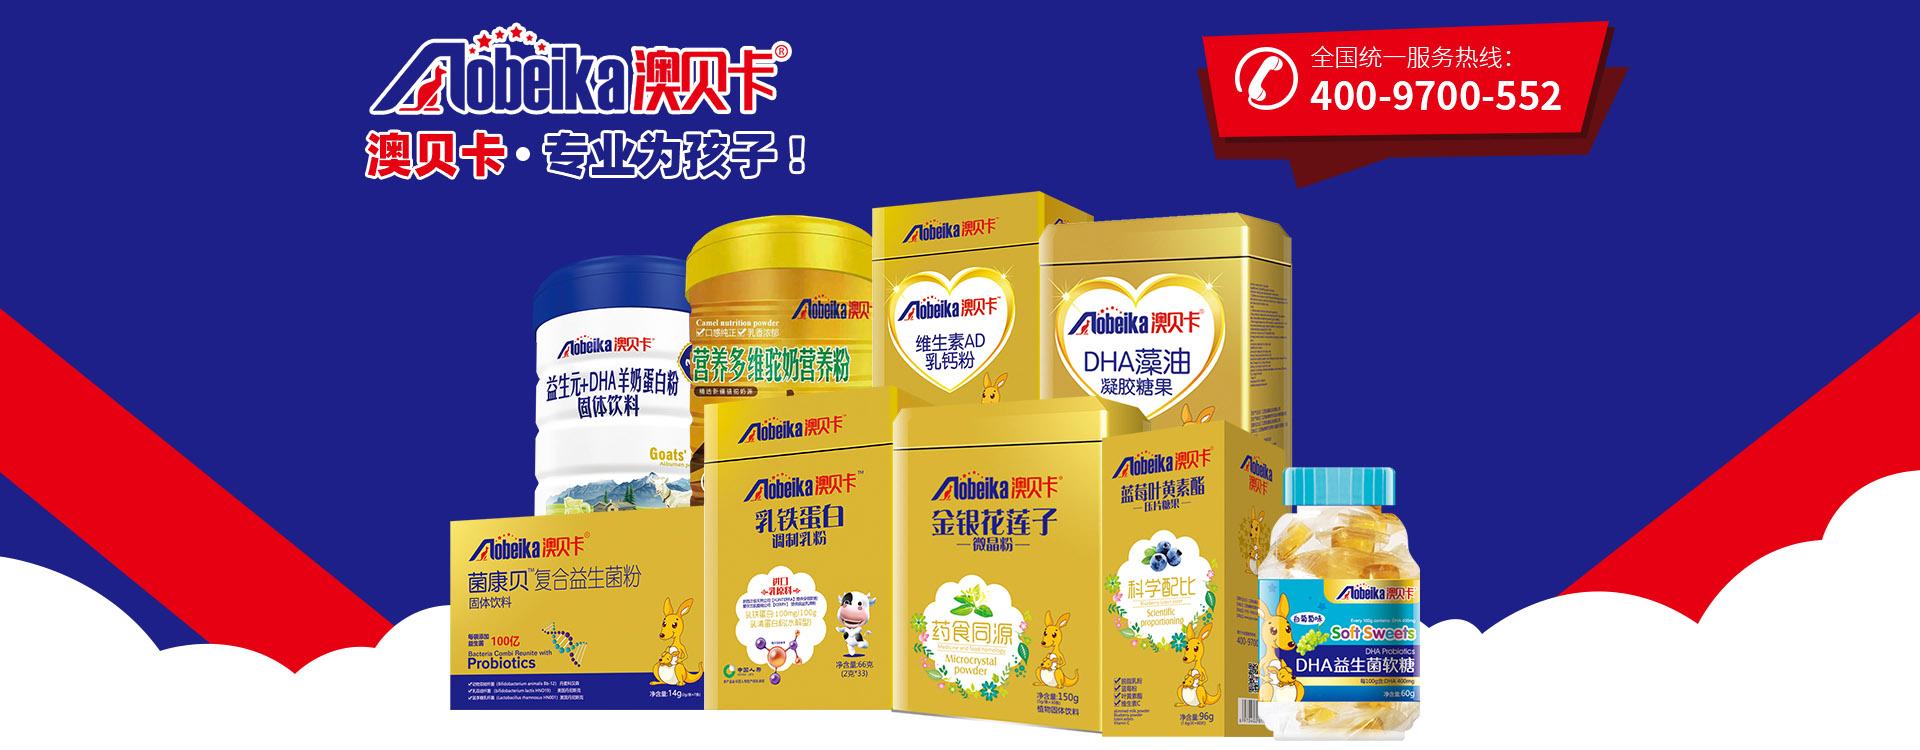 營養食品招商 澳貝卡品類全 高品質 上市即熱賣